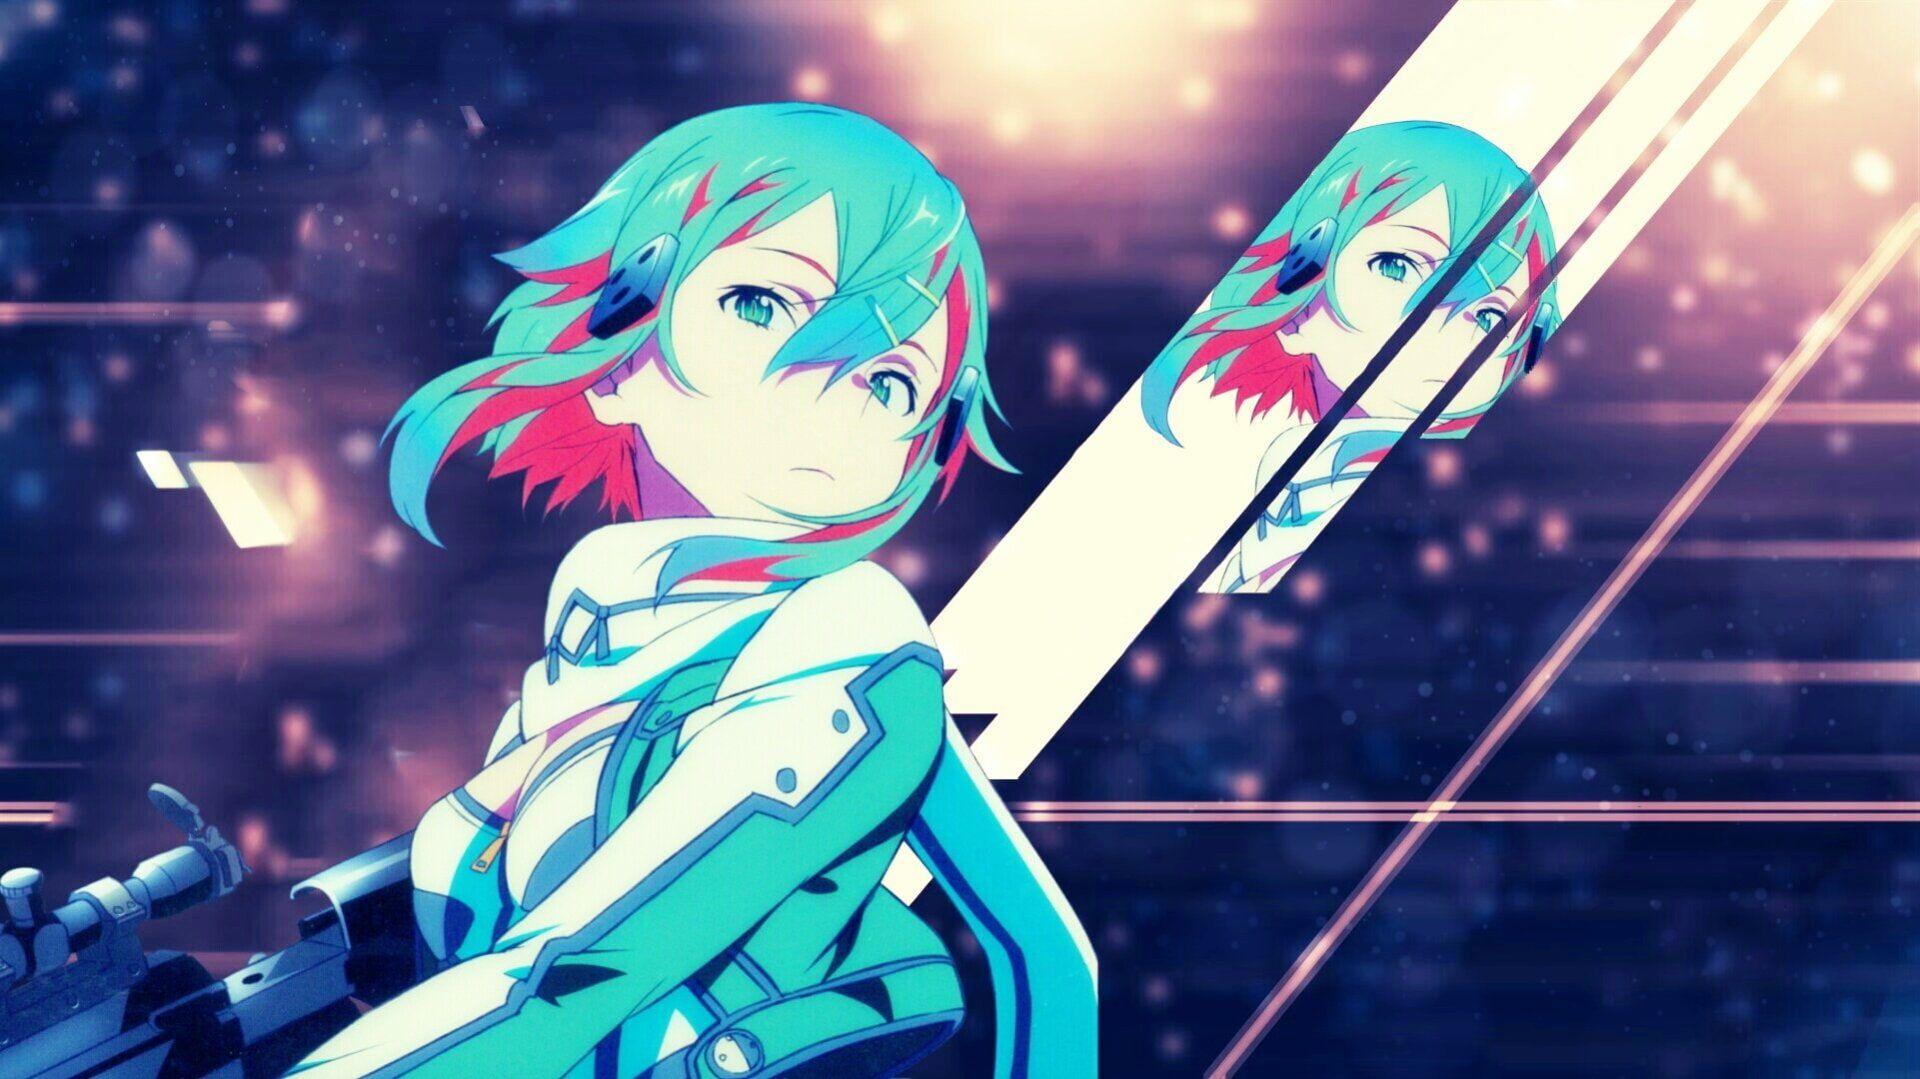 Sword Art Online Sword Art Online Ii Sinon Sword Art Online 1080p Wallpaper Hdwallpape Sword Art Online Wallpaper Sword Art Online Sword Art Online Kirito